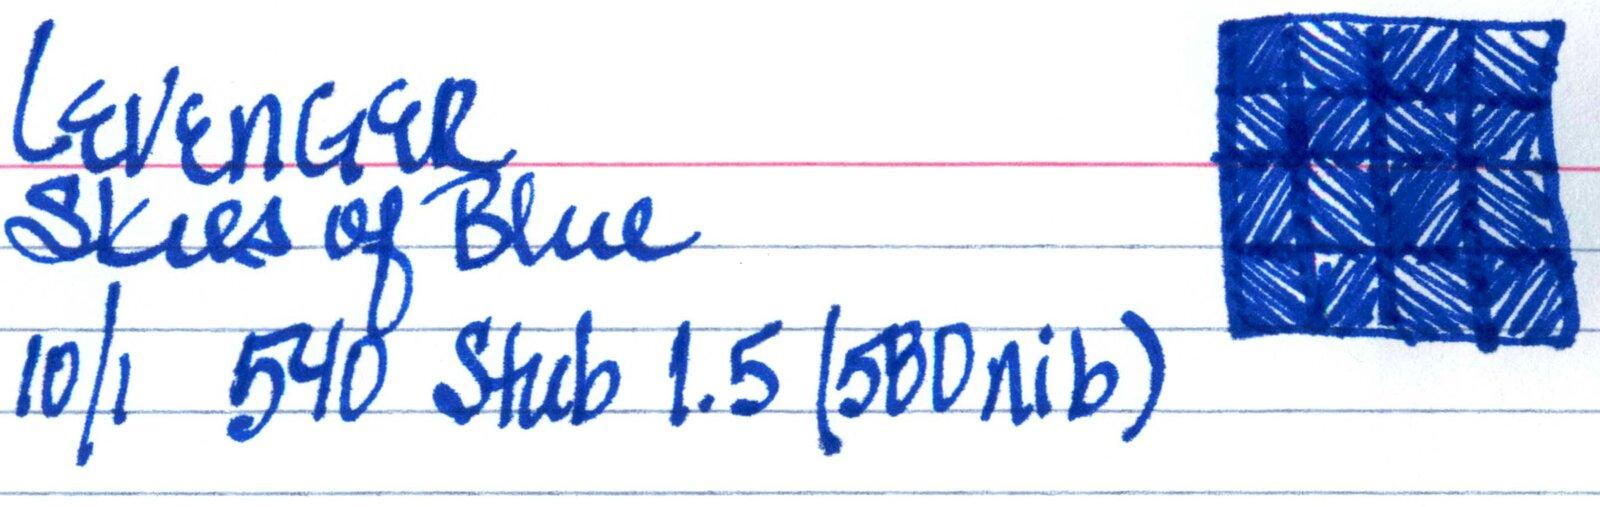 2013-Ink_808.jpg